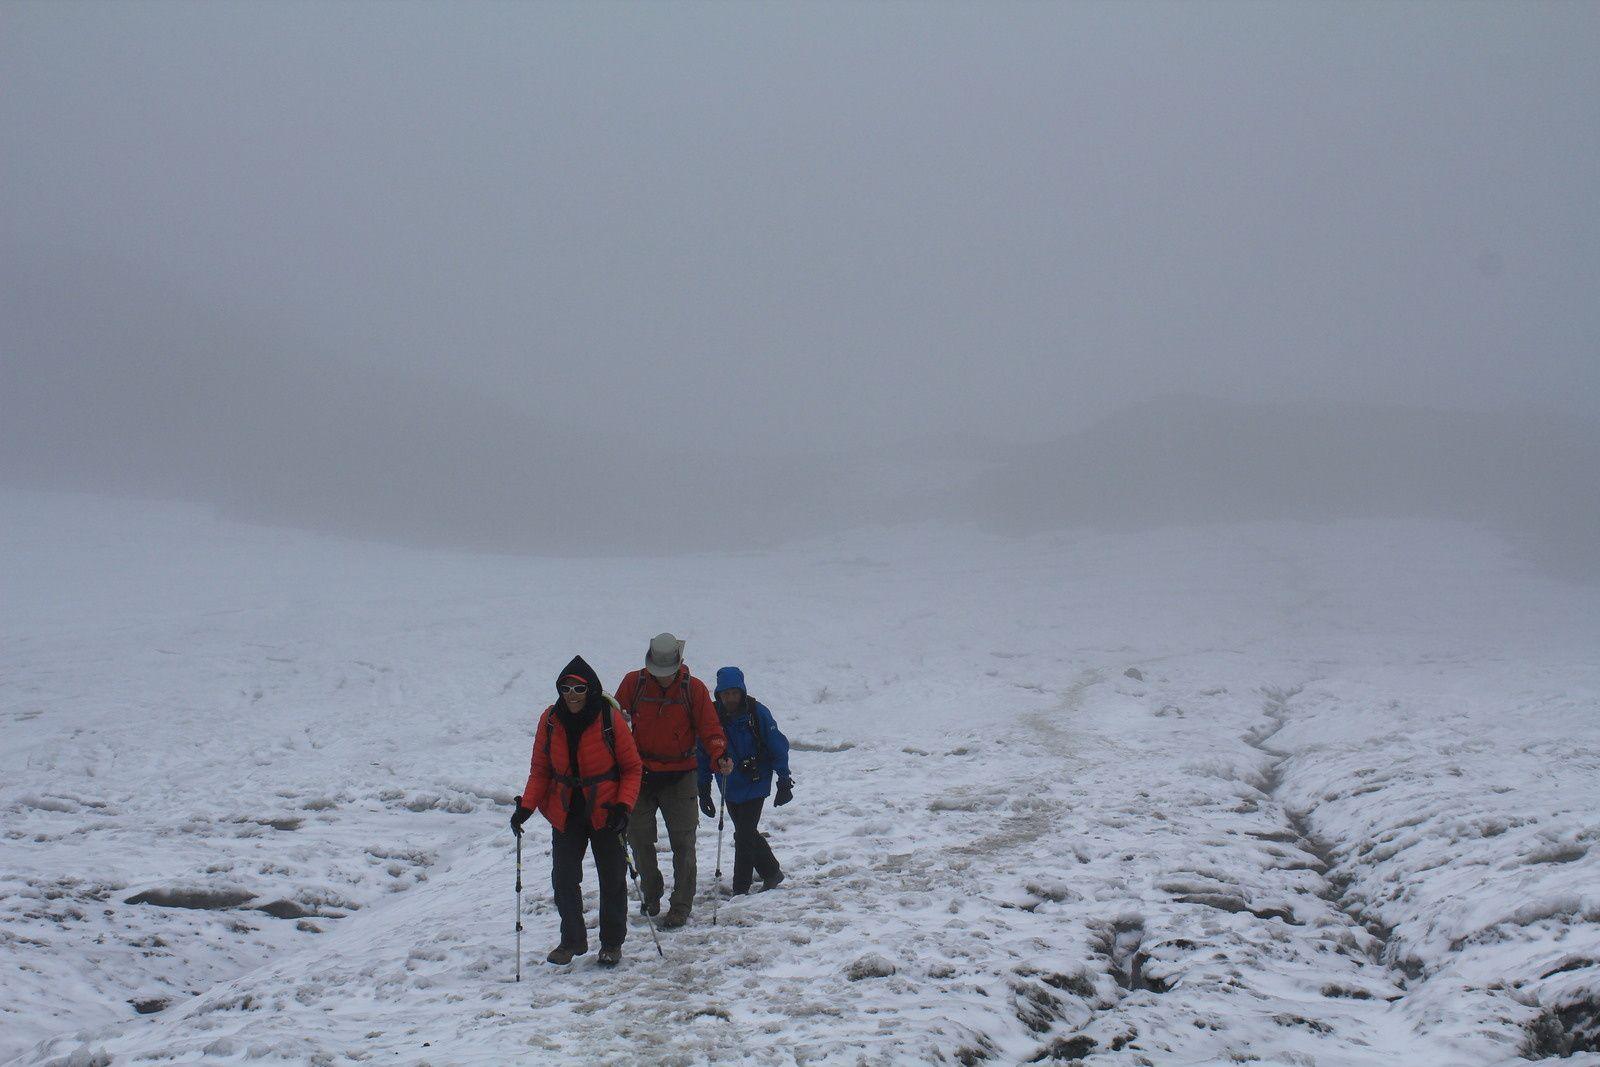 Et bien non, il ne s'agit pas d'une expédition au camp de base de l'Everest mais la dernière partie avant d'arriver au col, nous marchons sur la neige.